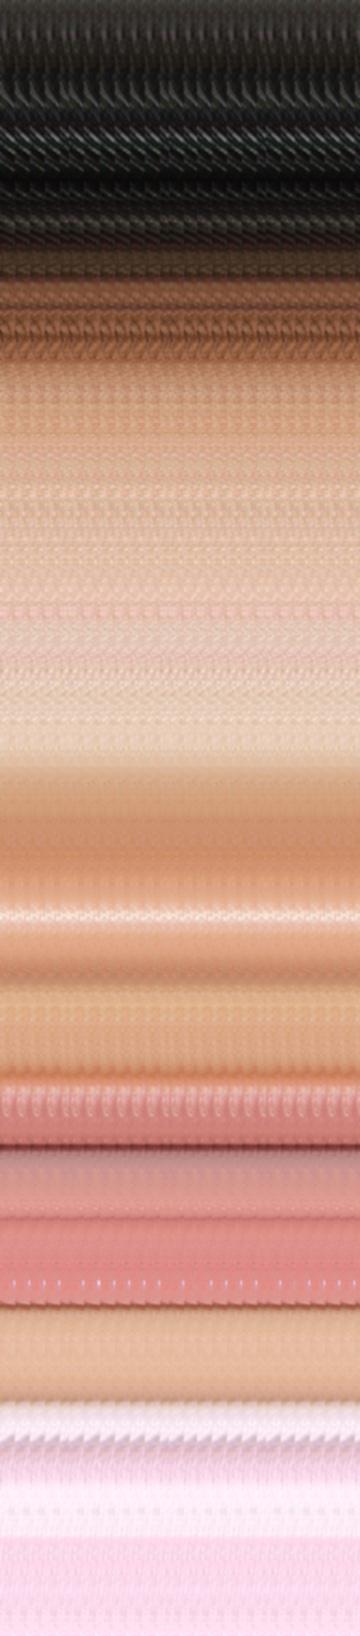 1 Pixel Portrait